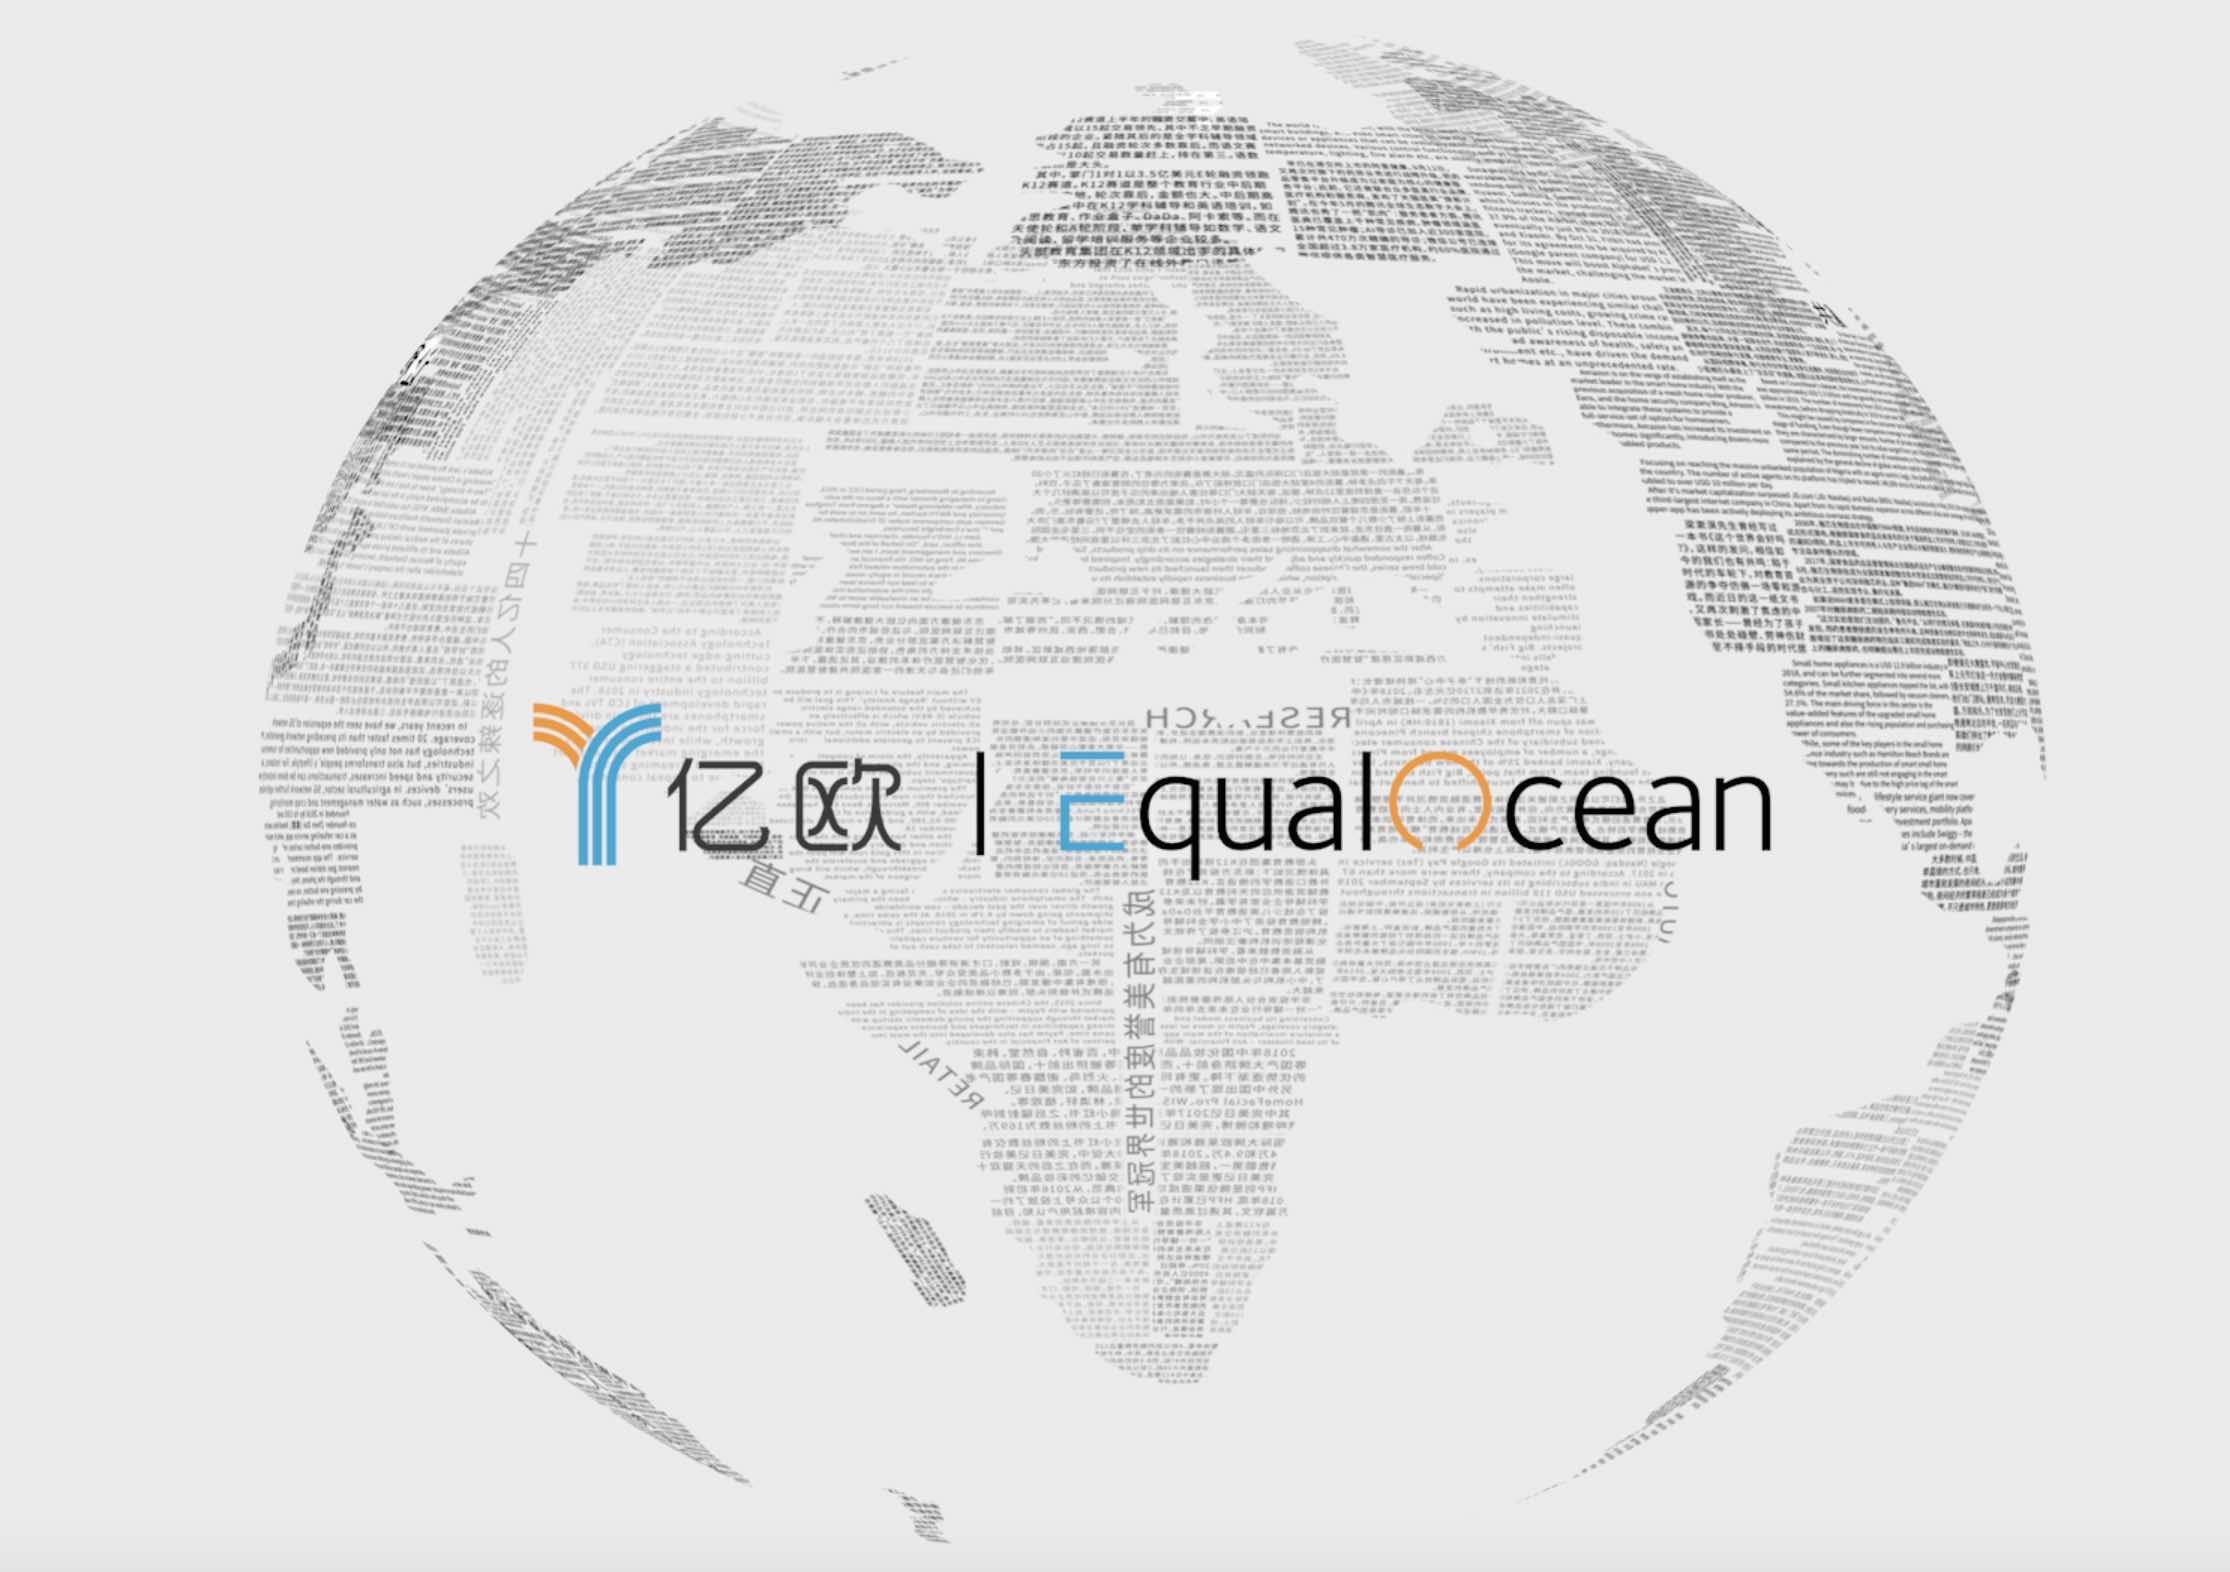 亿欧:让科技更平等